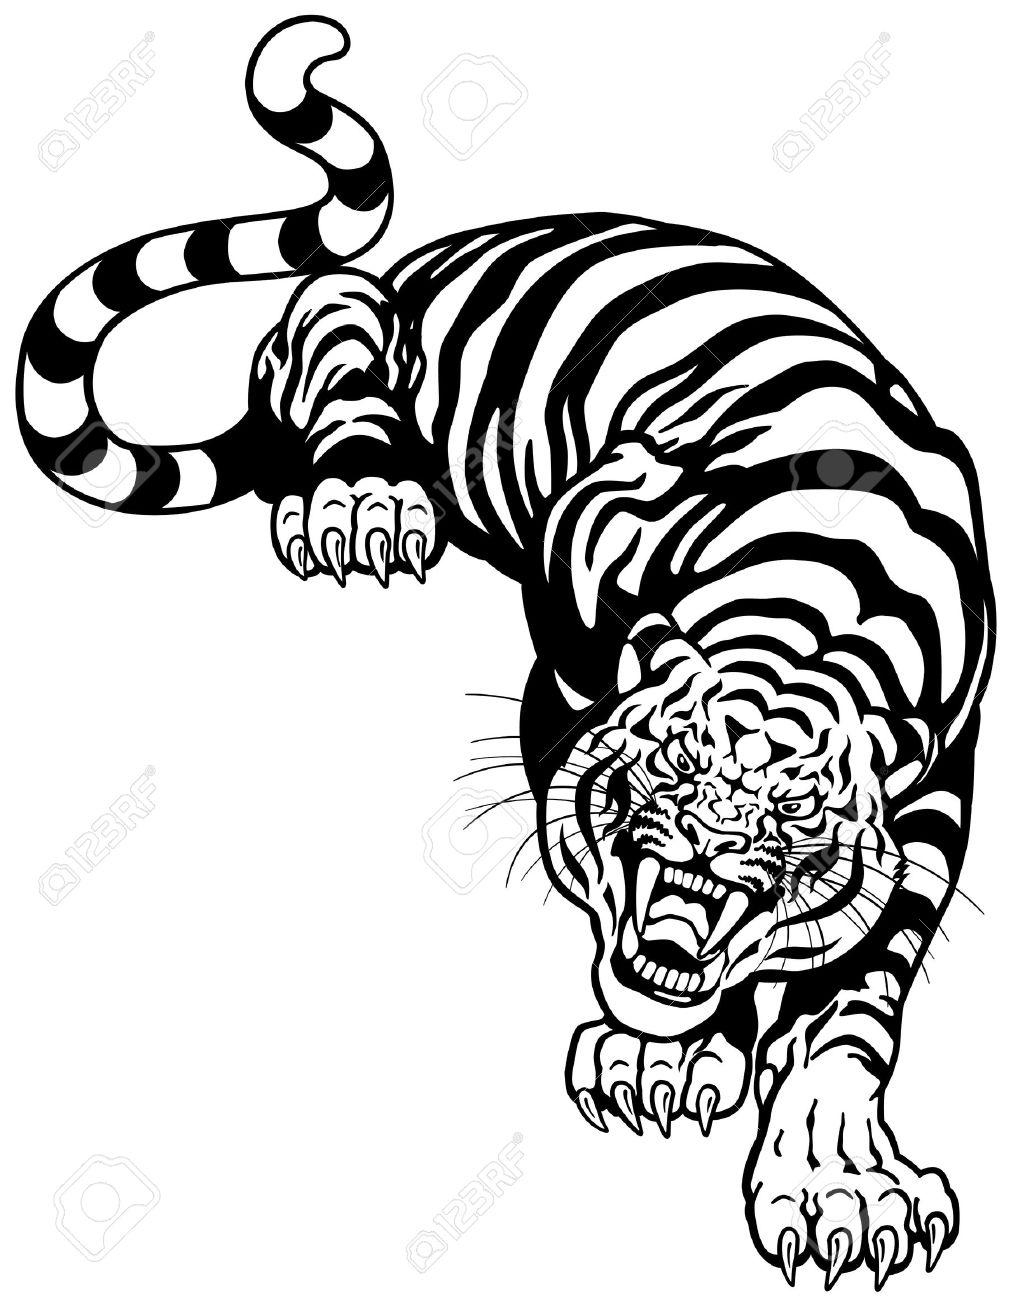 Tigre Enojado Ilustración En Blanco Y Negro Del Tatuaje